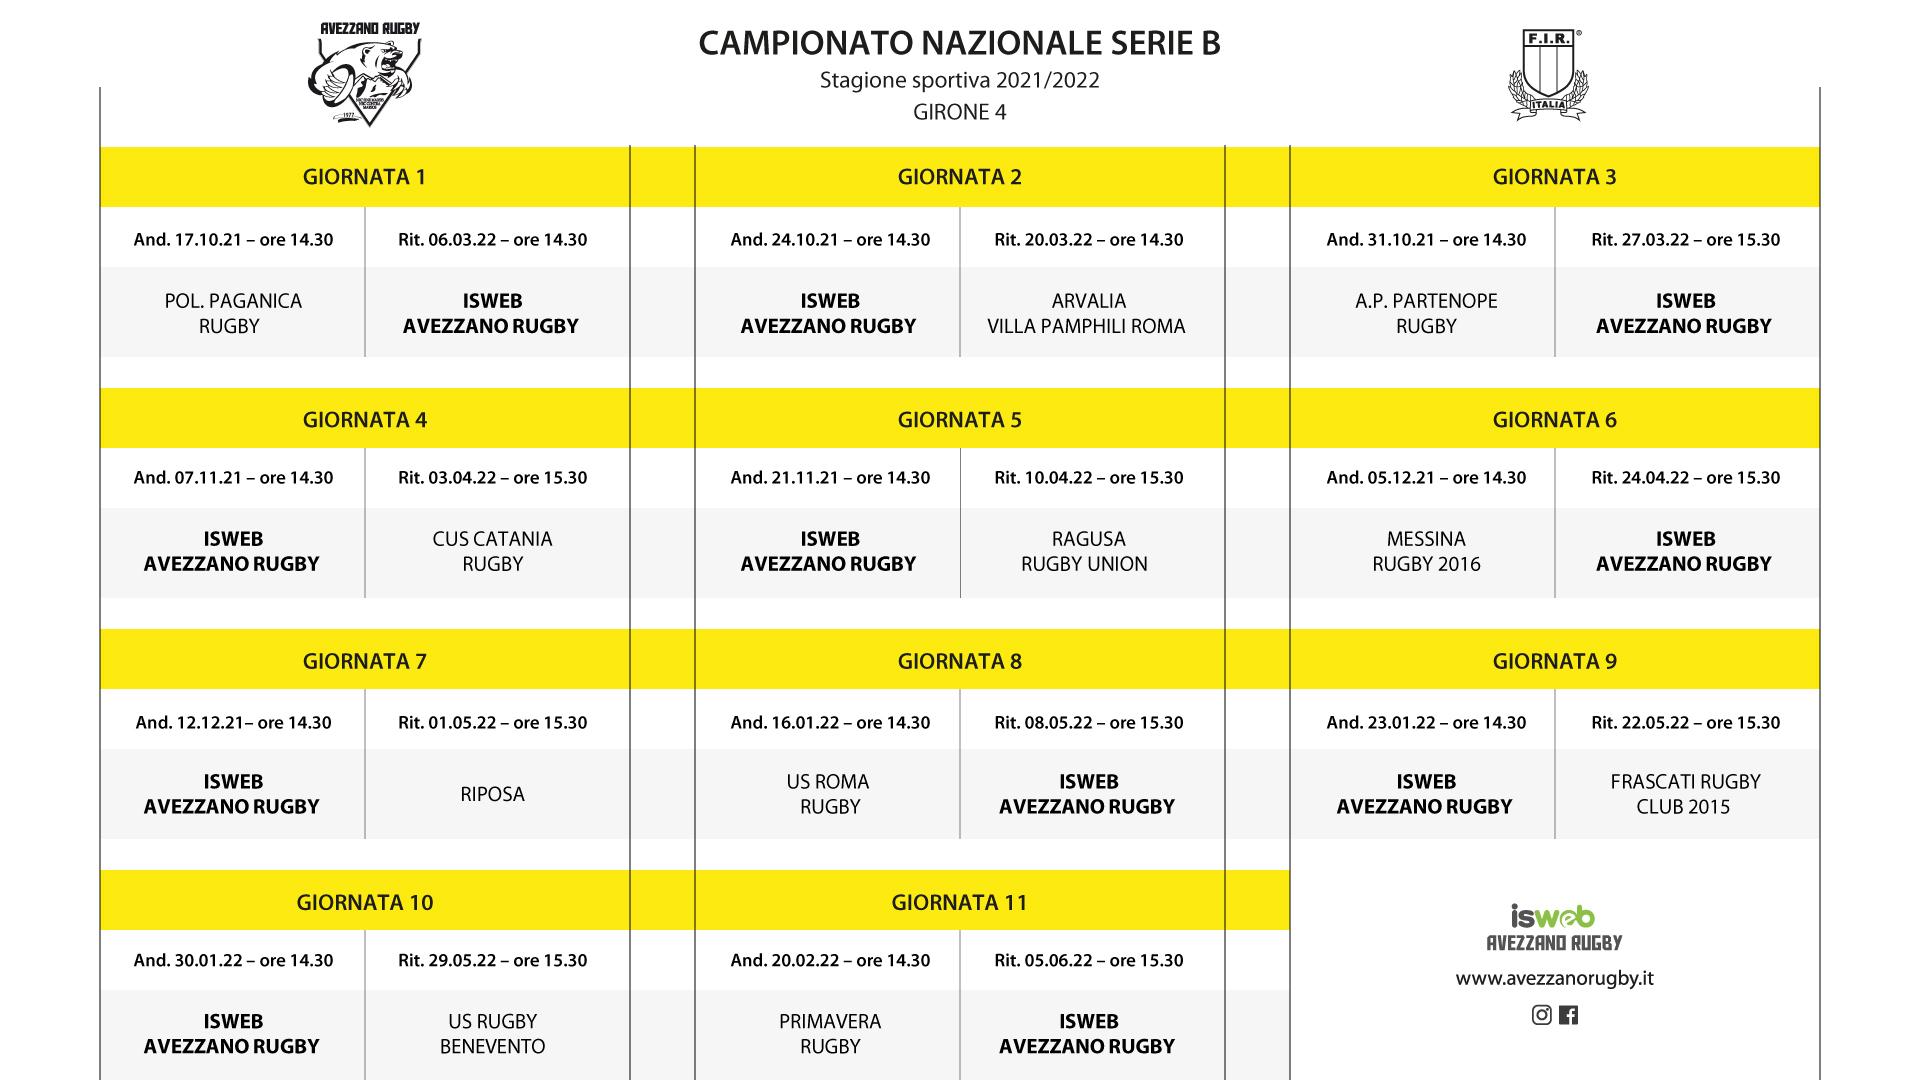 calendario partite serie B - girone 4